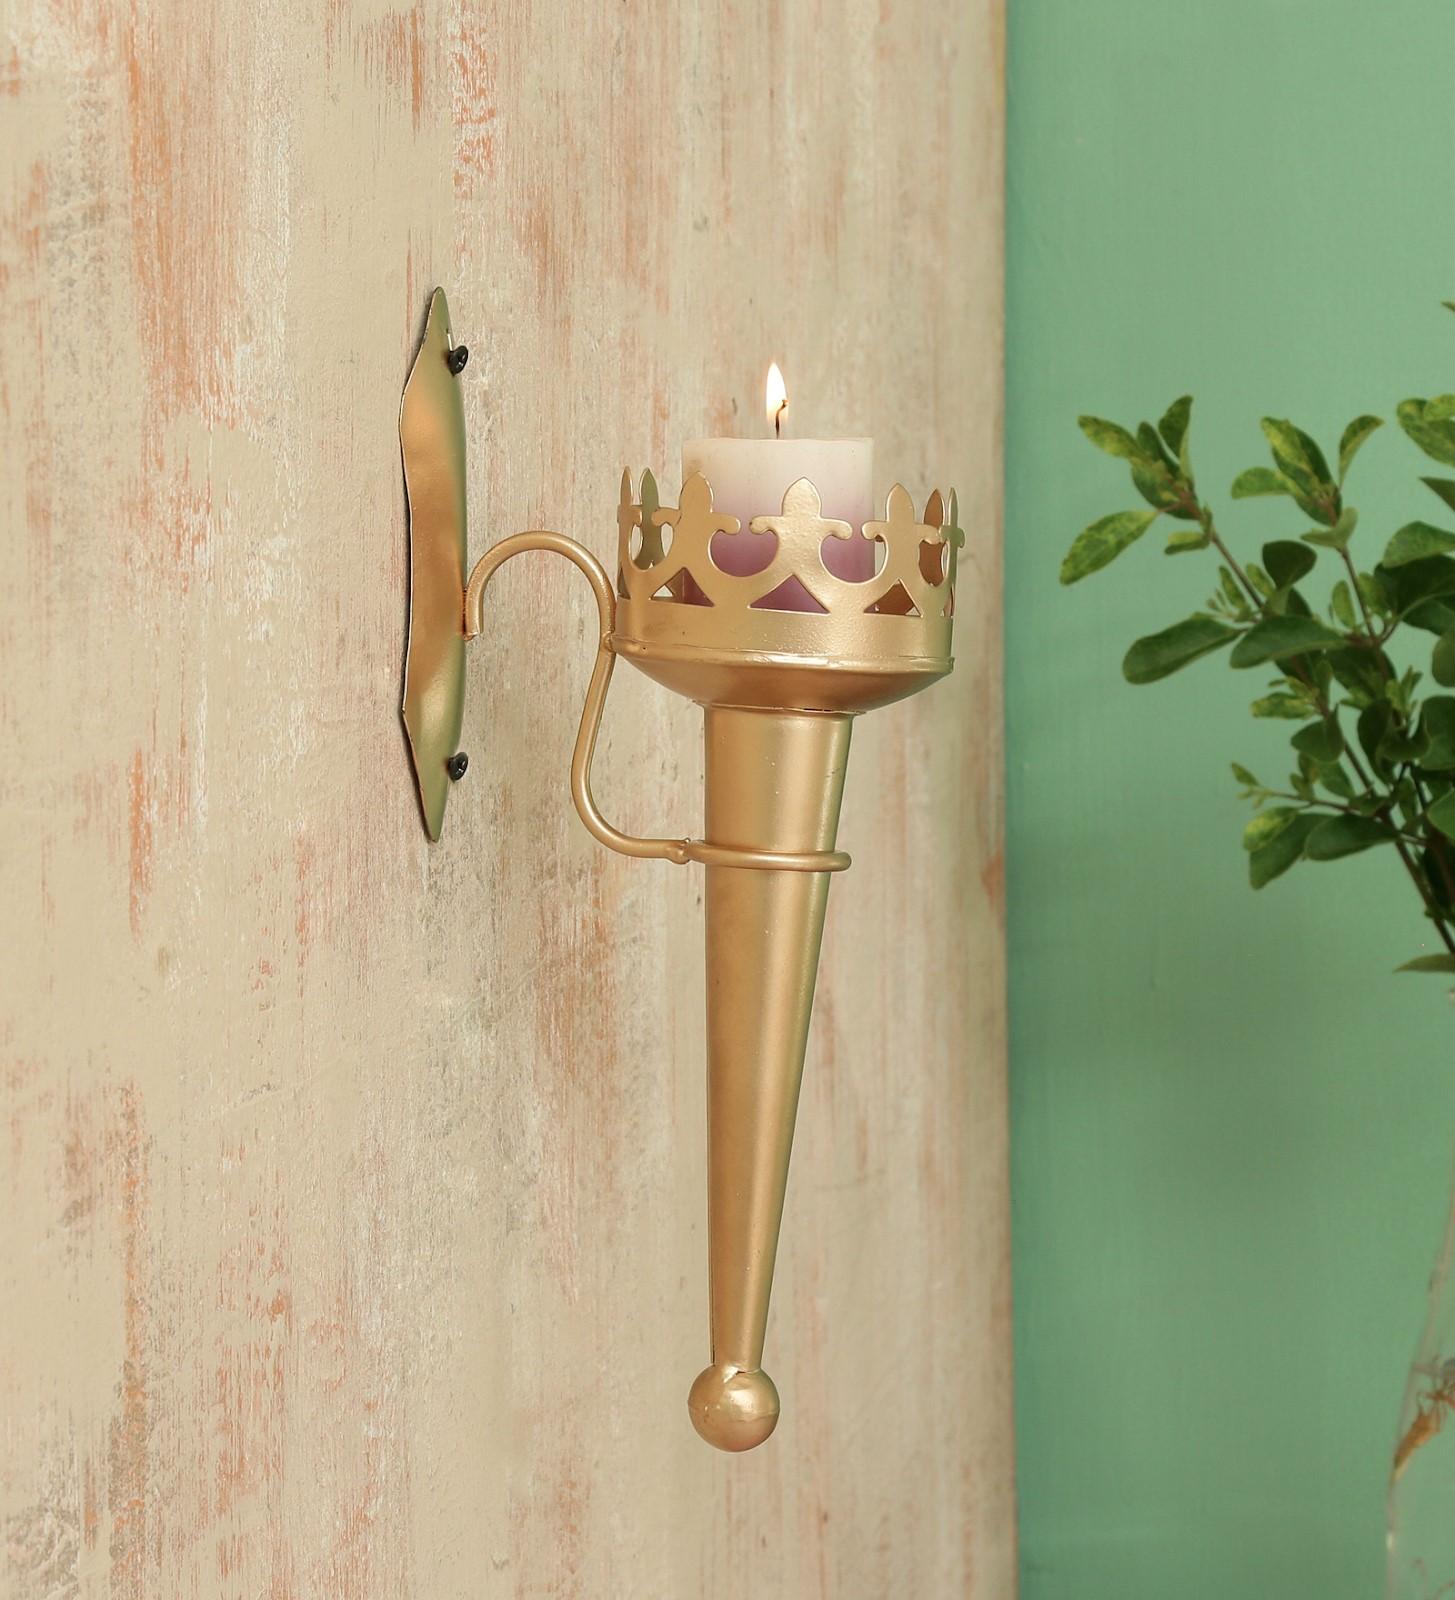 Festive décor ideas for Indian homes